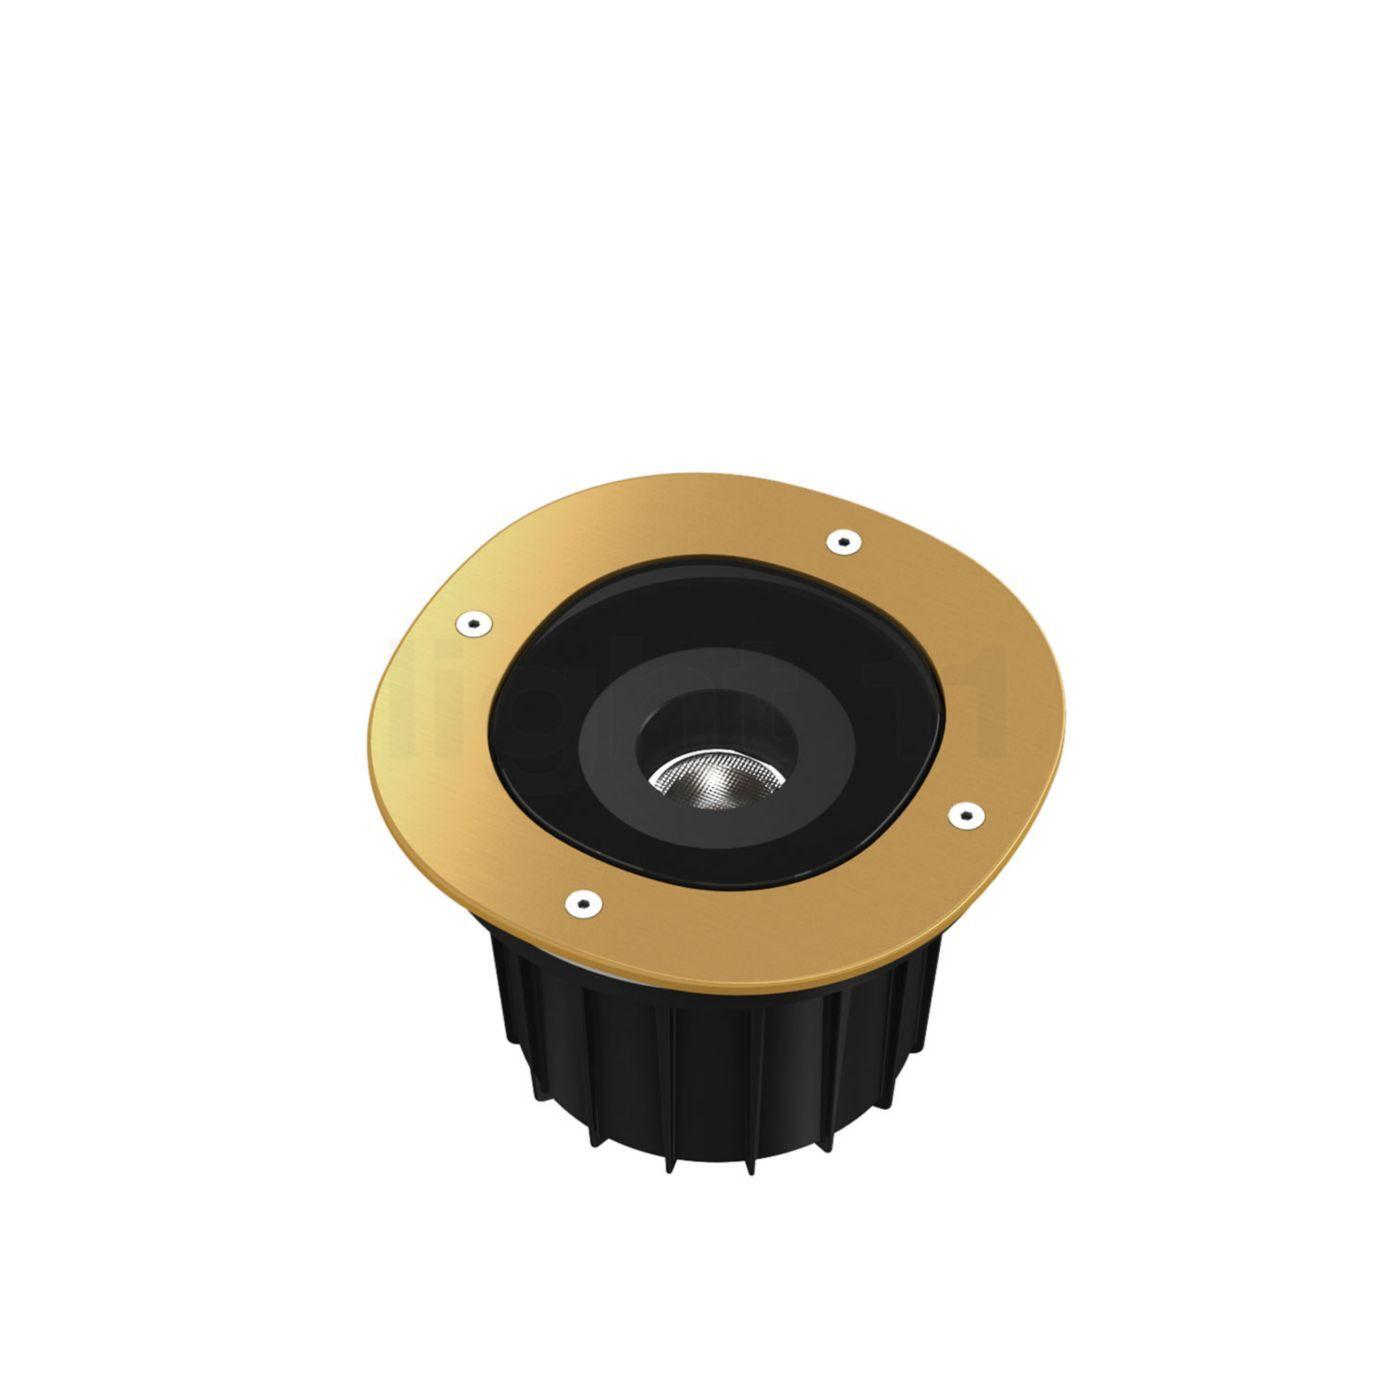 Flos A-Round 150 LED, doré brossé, angle de projection 25°